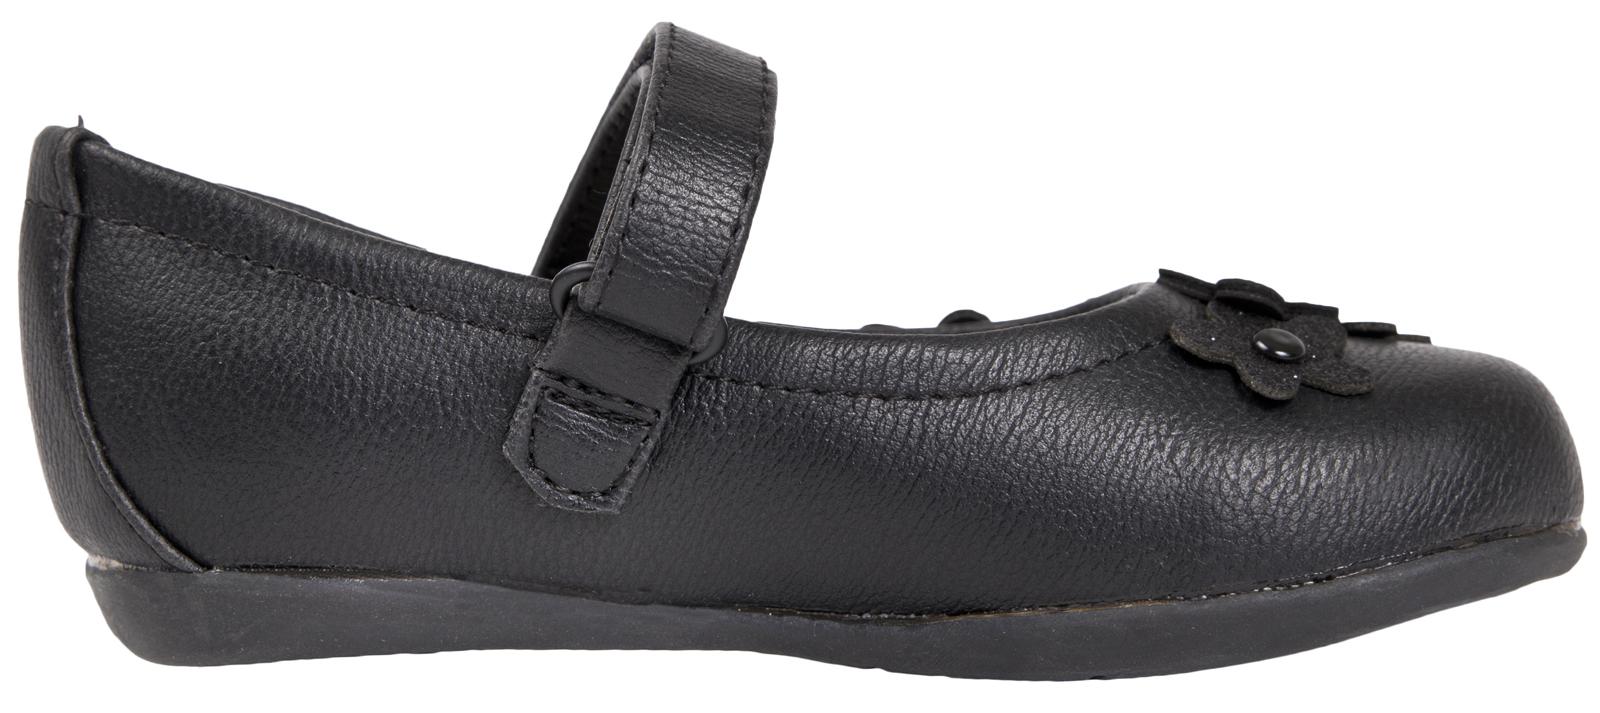 Kids Girls Black Disney Frozen School Shoes Faux Leather T Bar Mary Jane Size